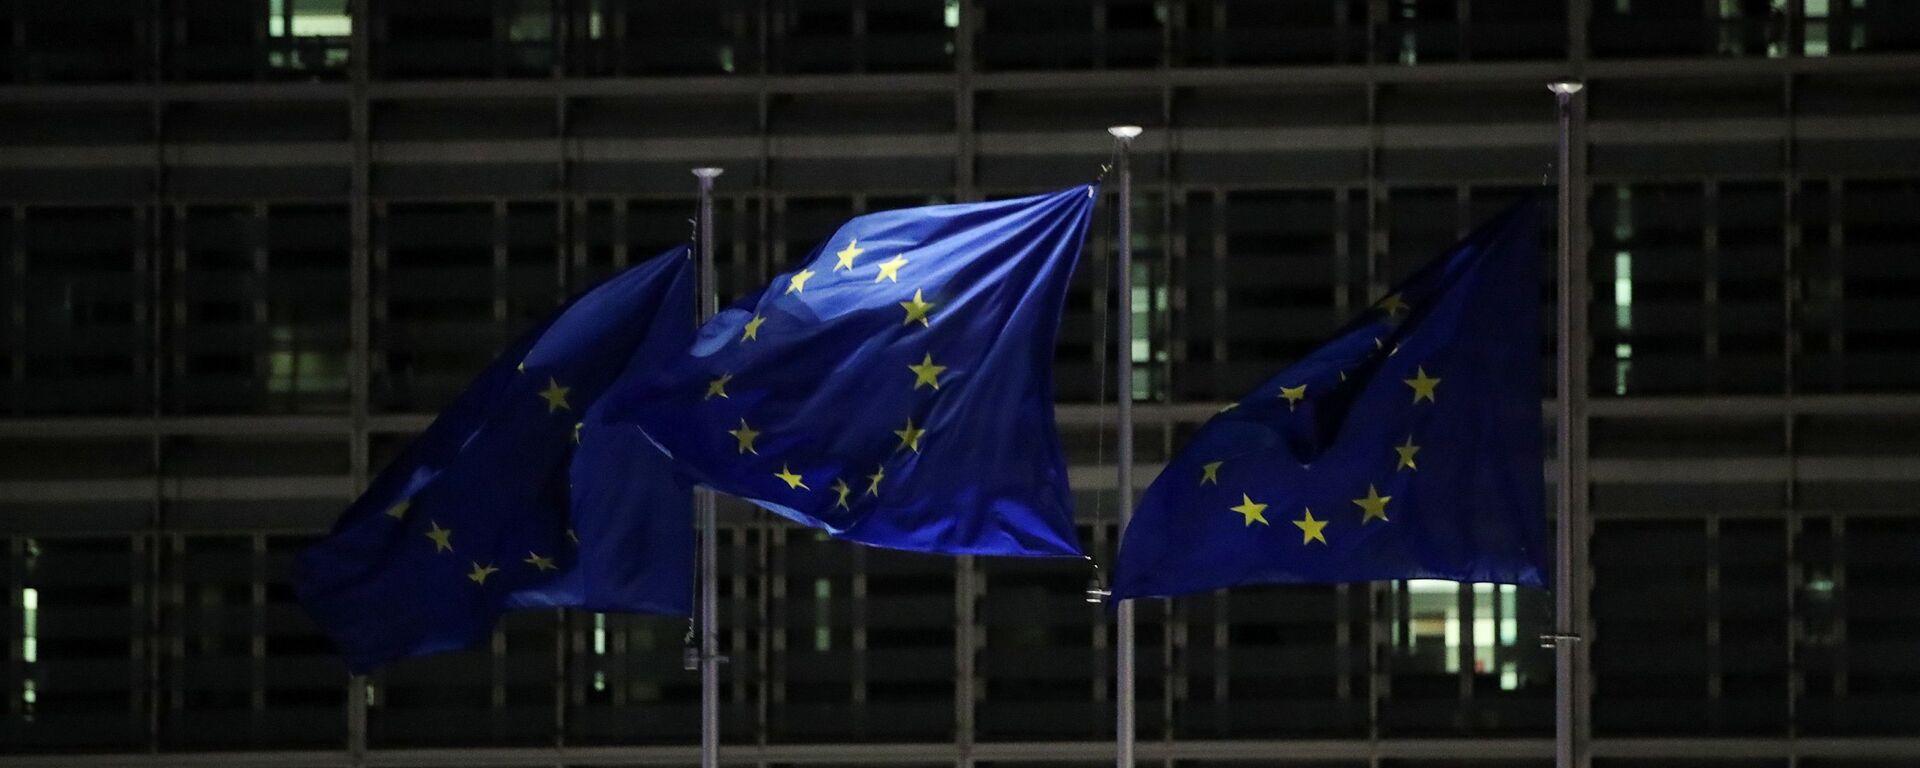 Avrupa Birliği bayrağı - Sputnik Türkiye, 1920, 15.09.2021